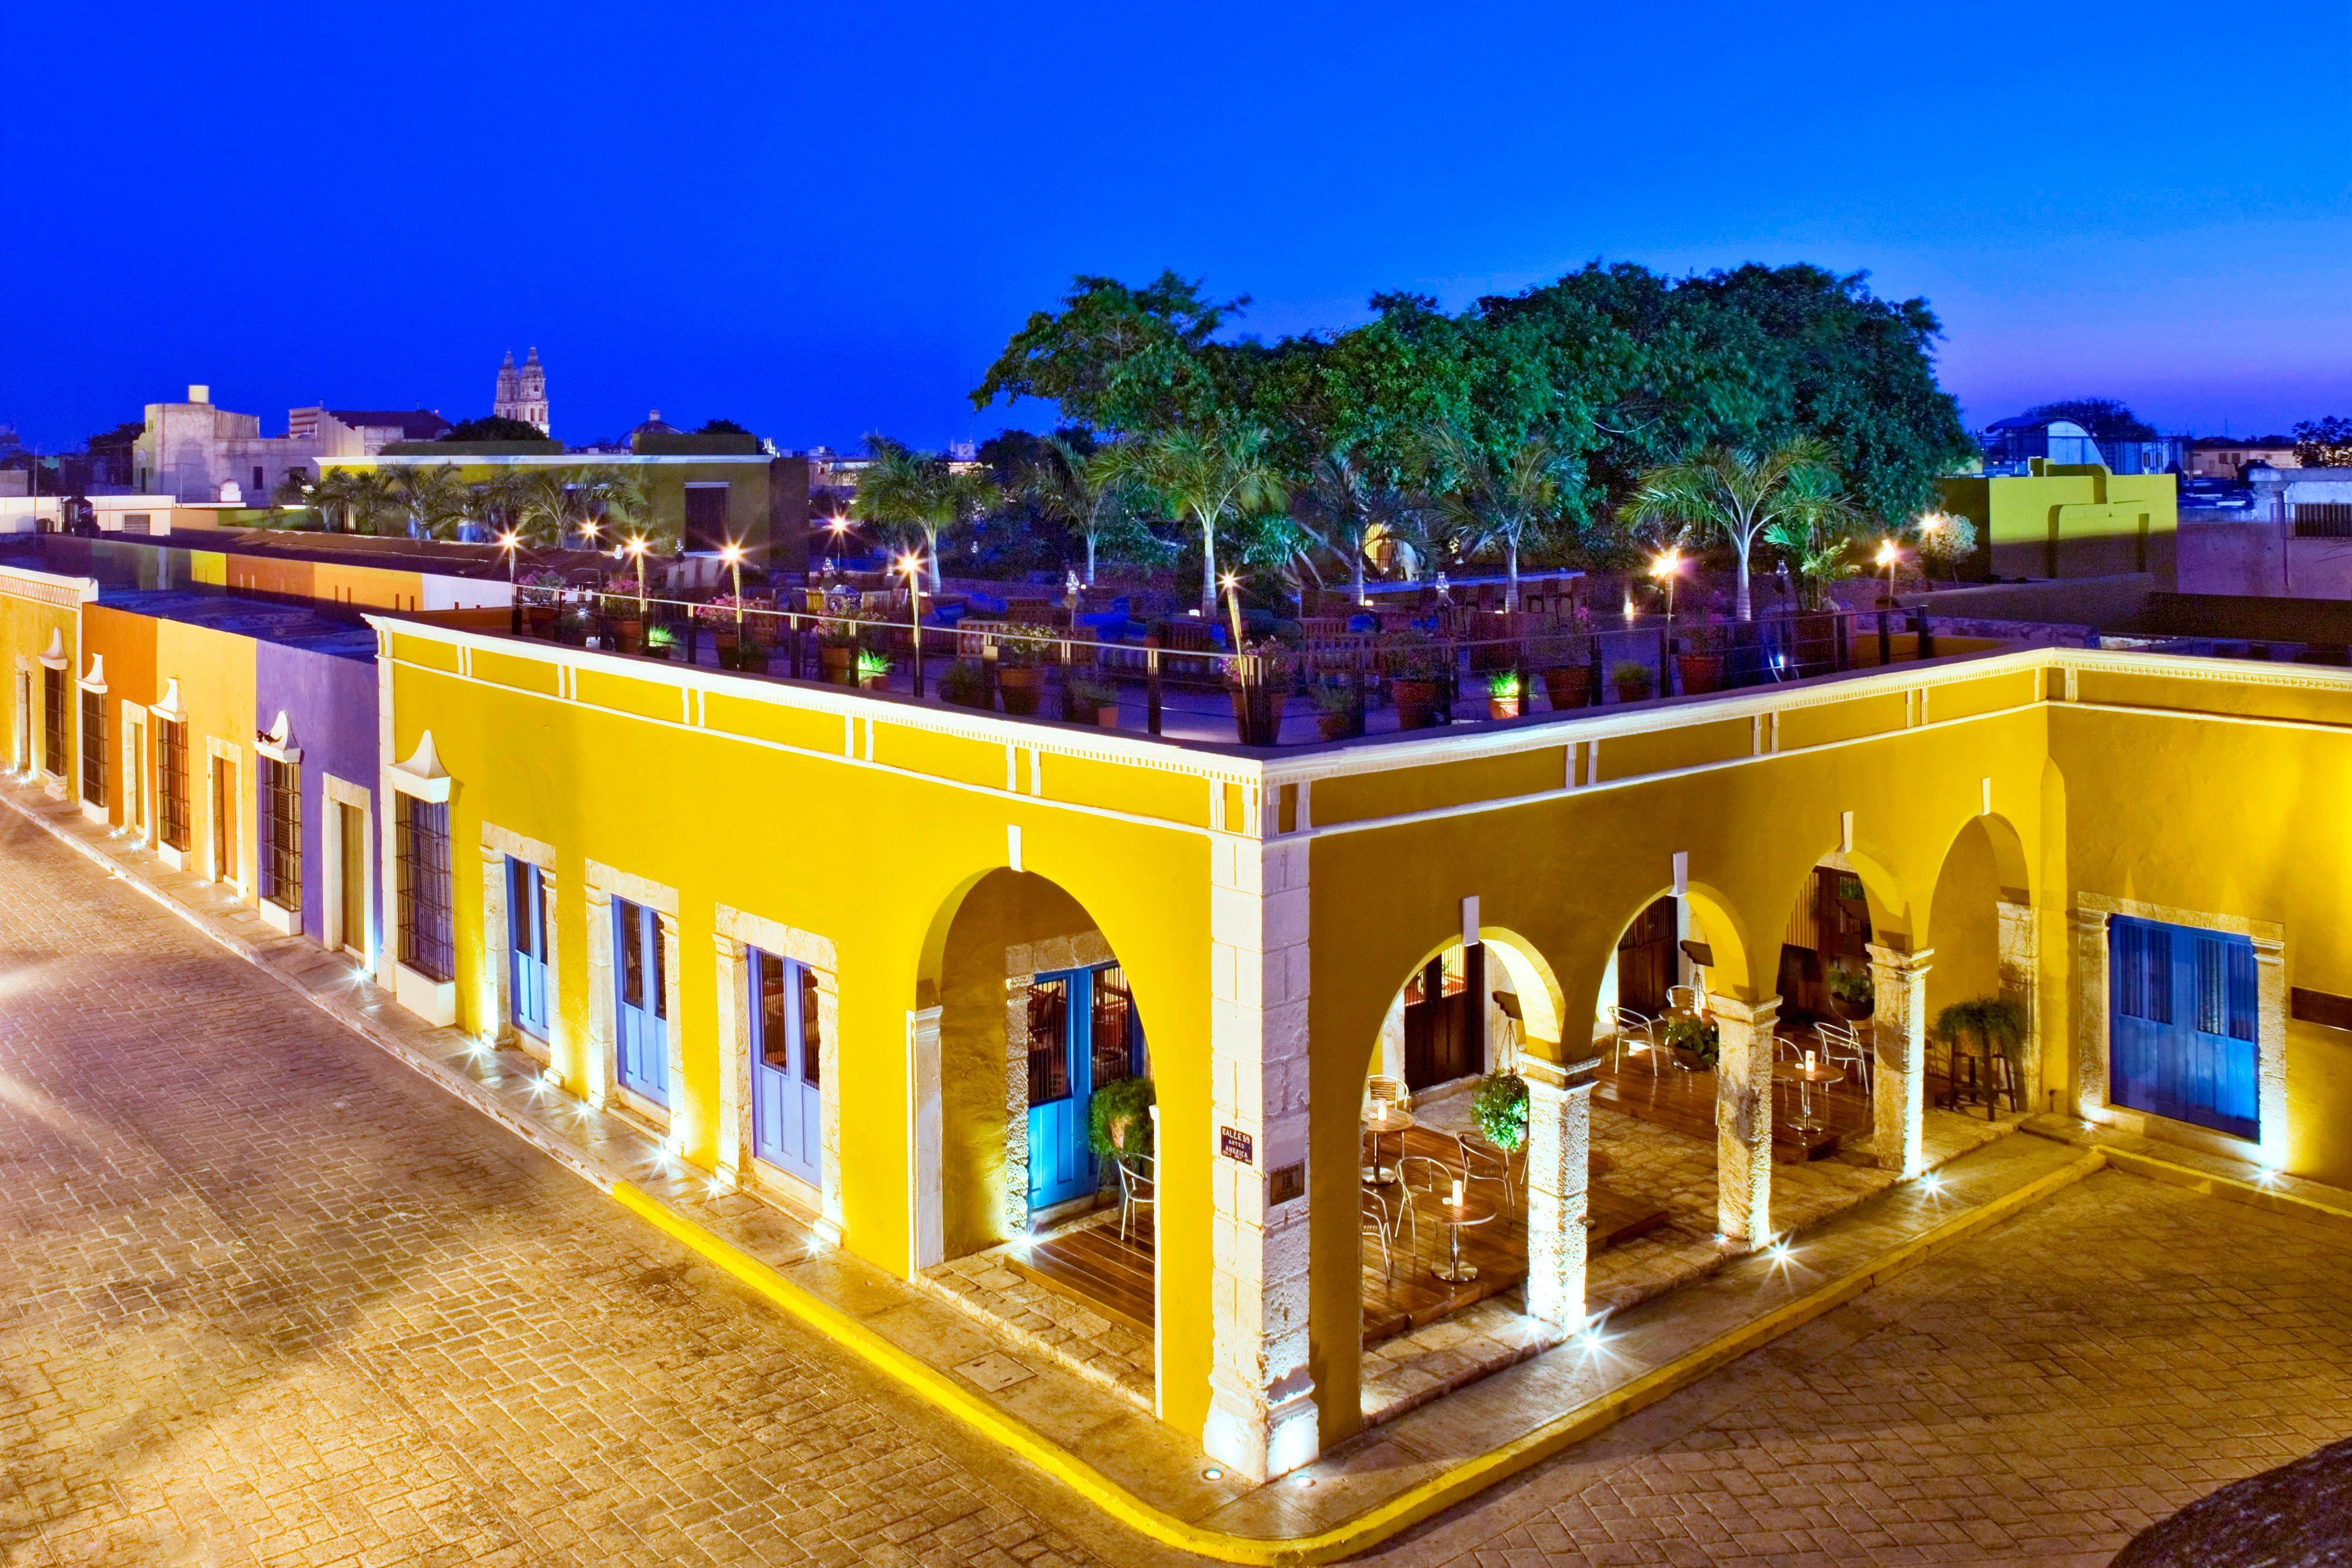 Hacienda Street View